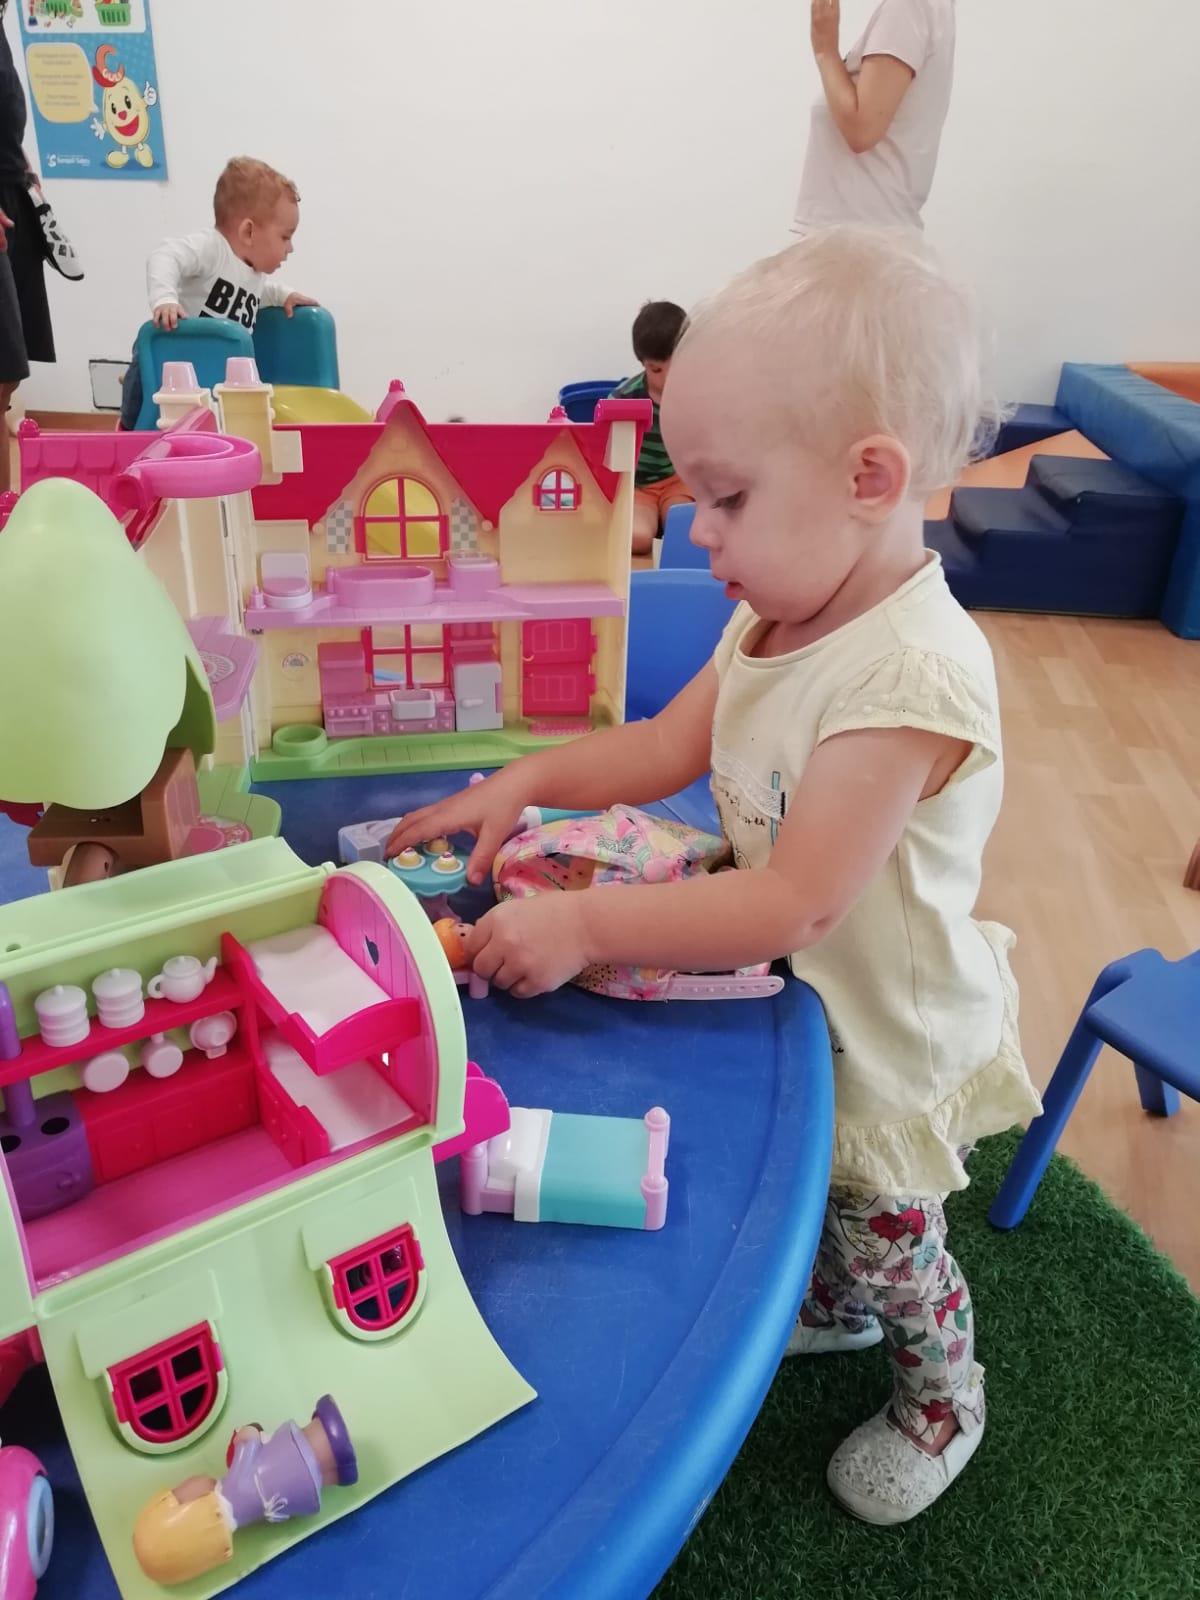 najlepsza sala zabaw dla dzieci